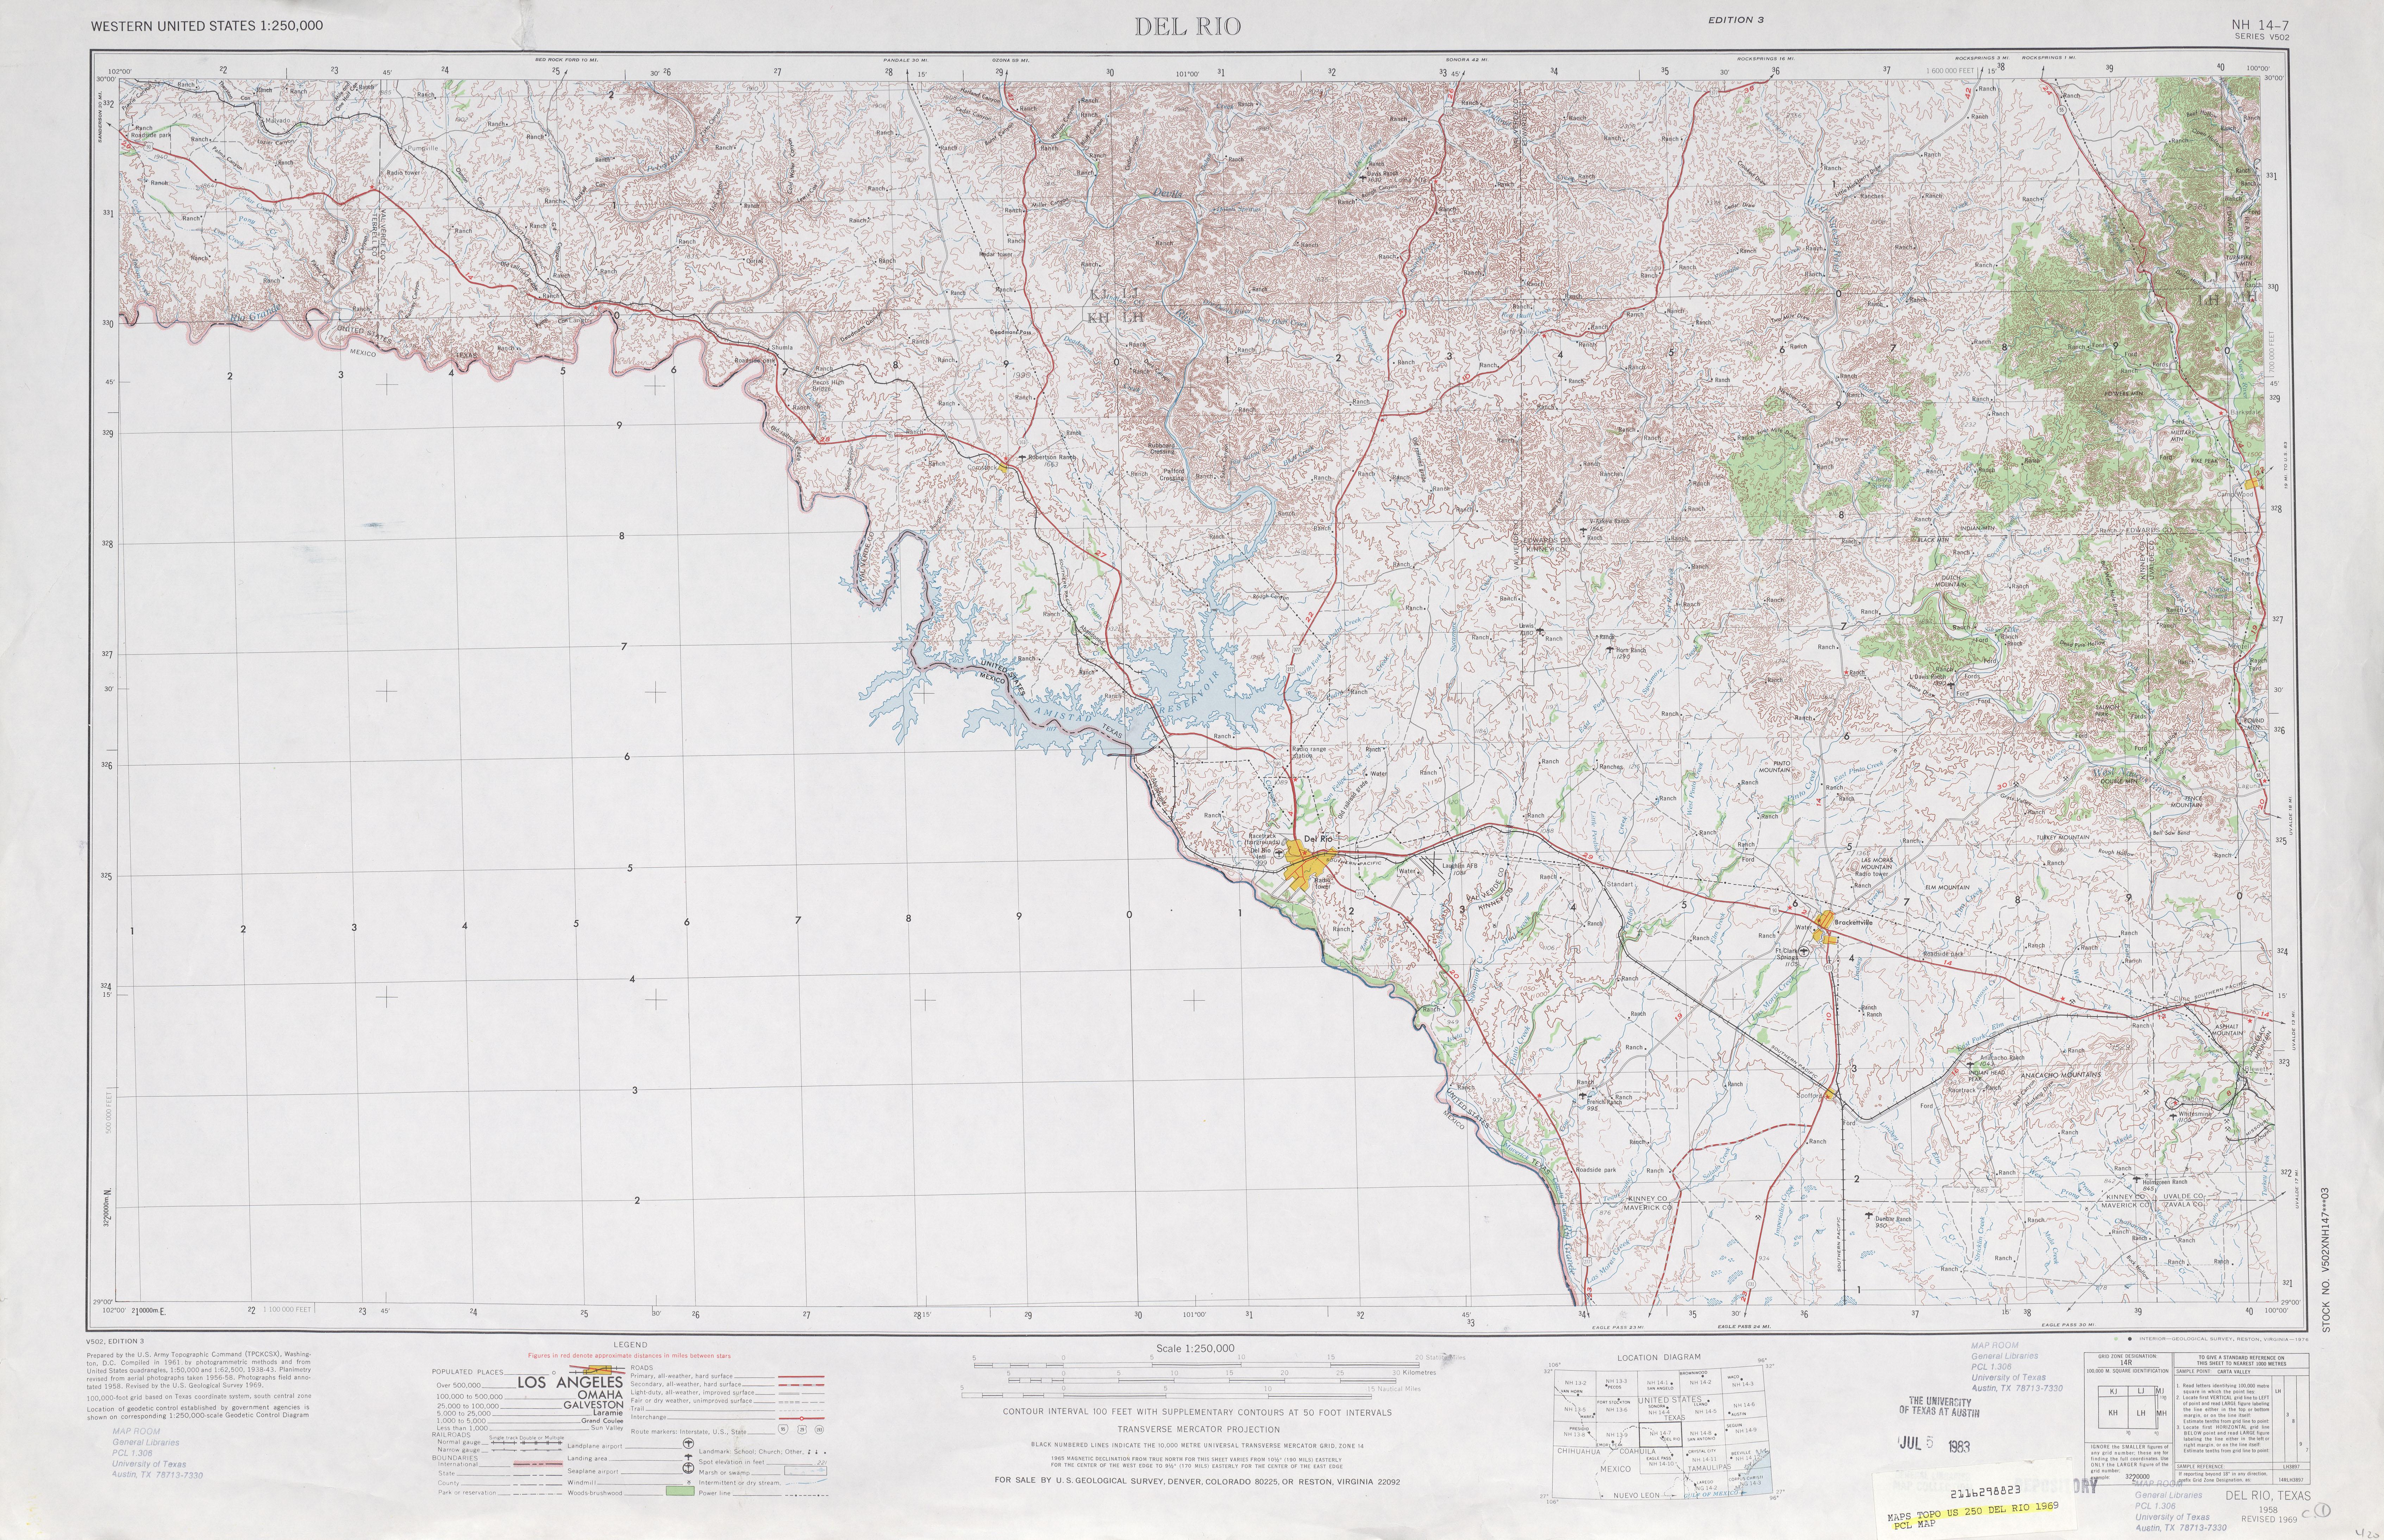 Hoja Del Rio del Mapa Topográfico de los Estados Unidos 1969